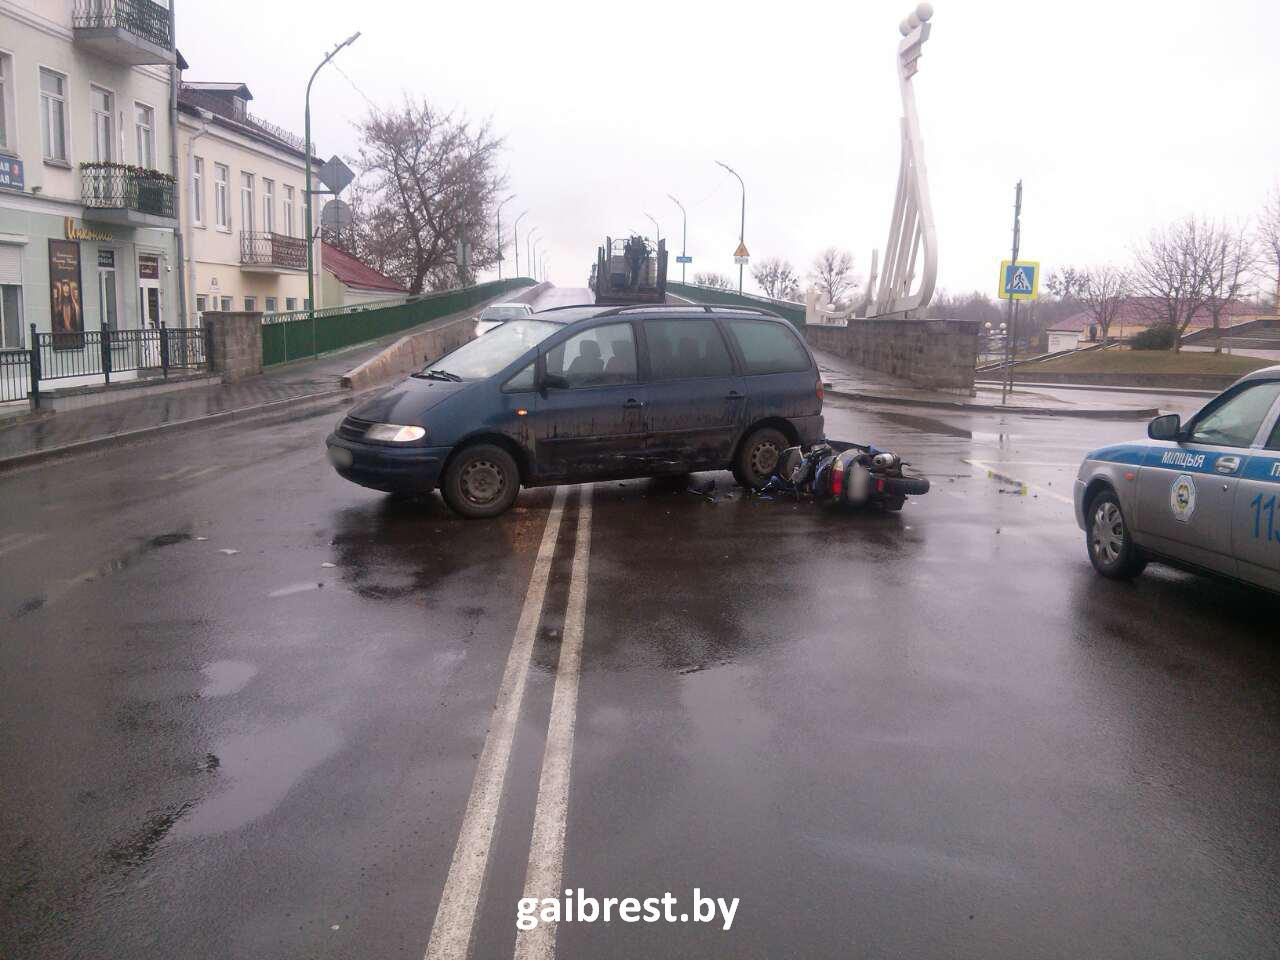 Конфликт главной дороги в Пинске: водитель госпитализирован